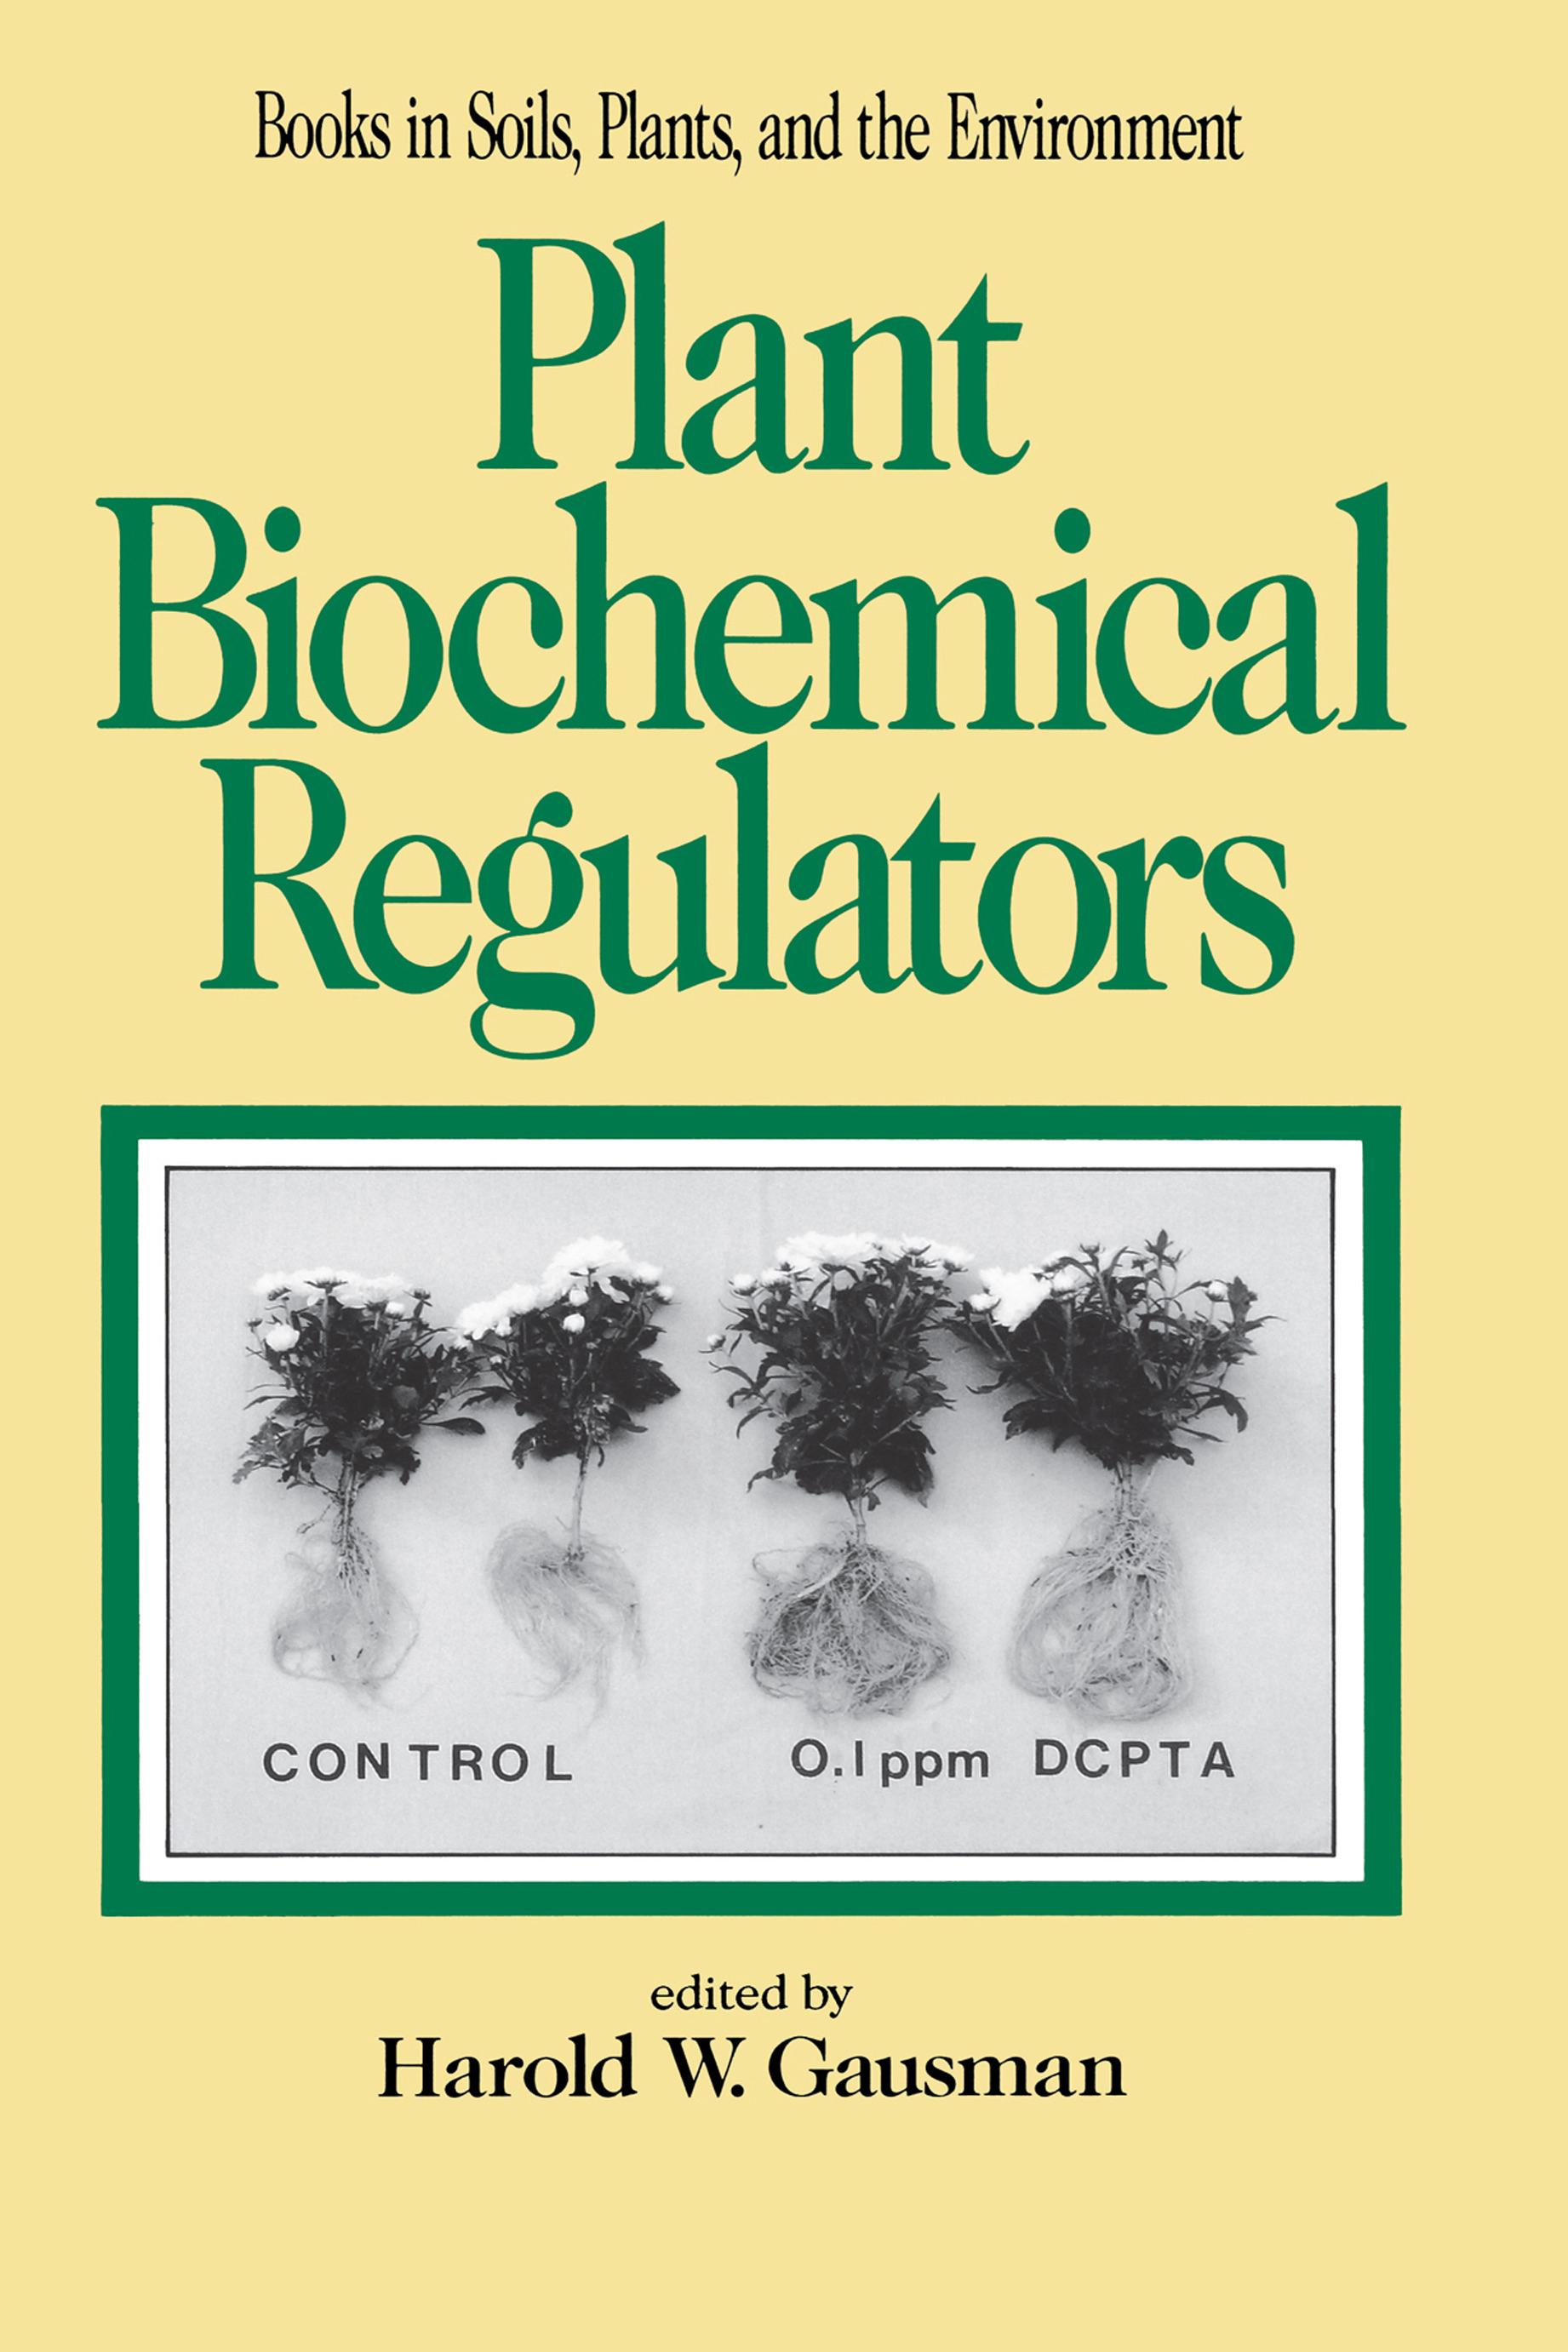 Plant Biochemical Regulators